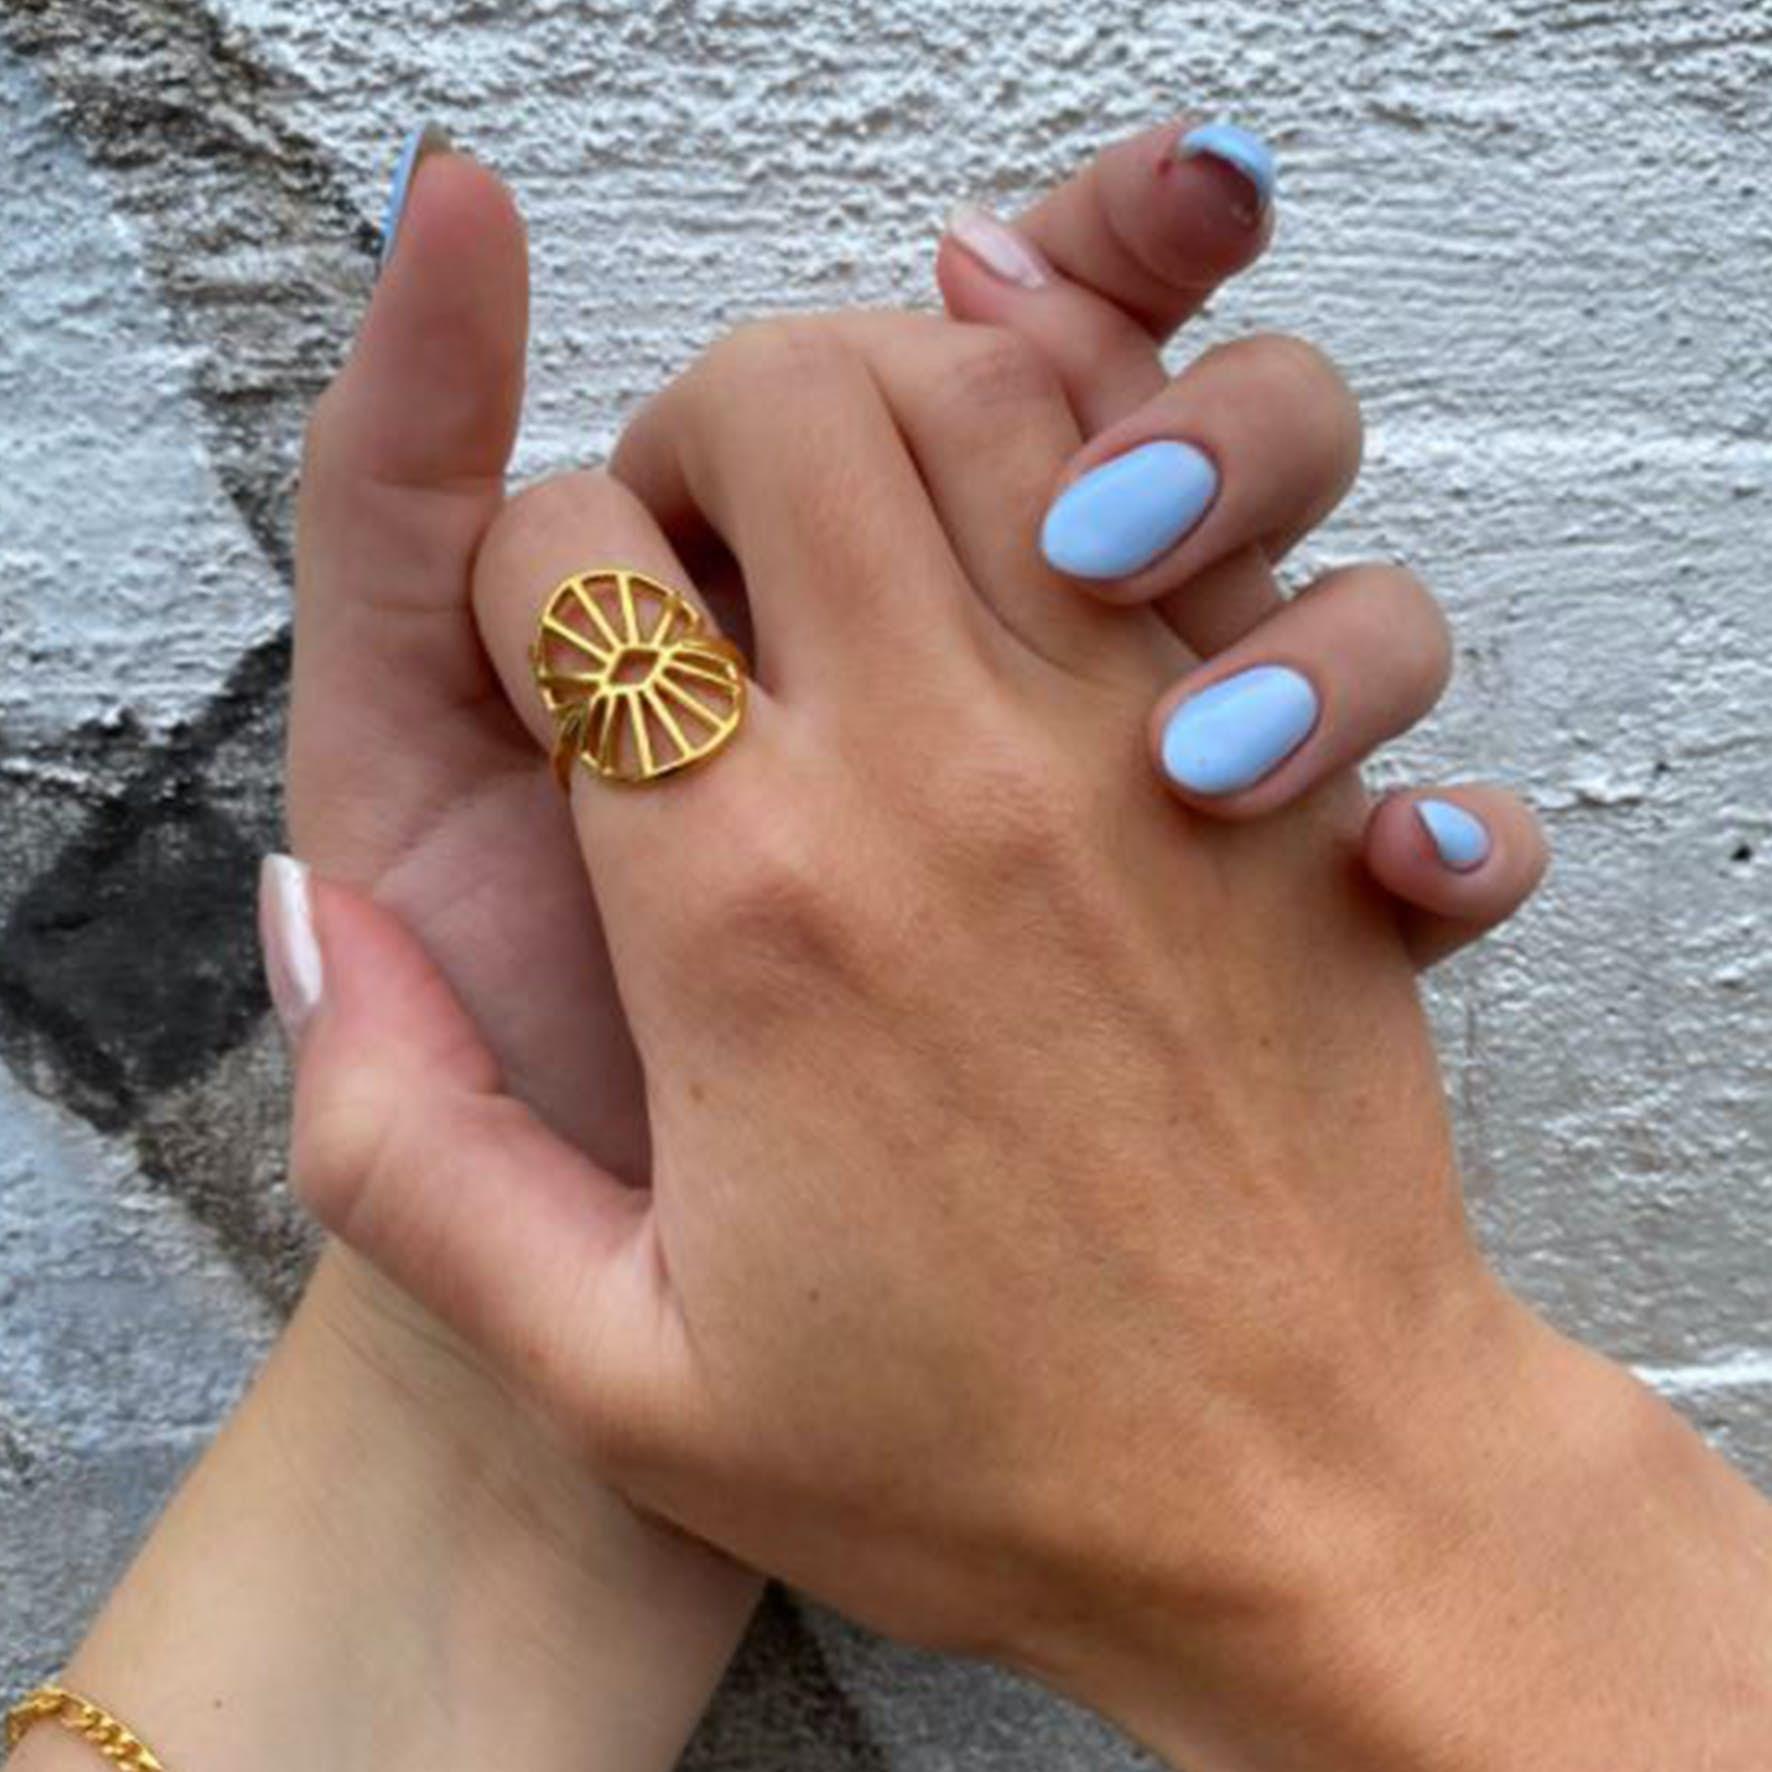 Sara by Sistie Medium Ring von Sistie in Vergoldet-Silber Sterling 925